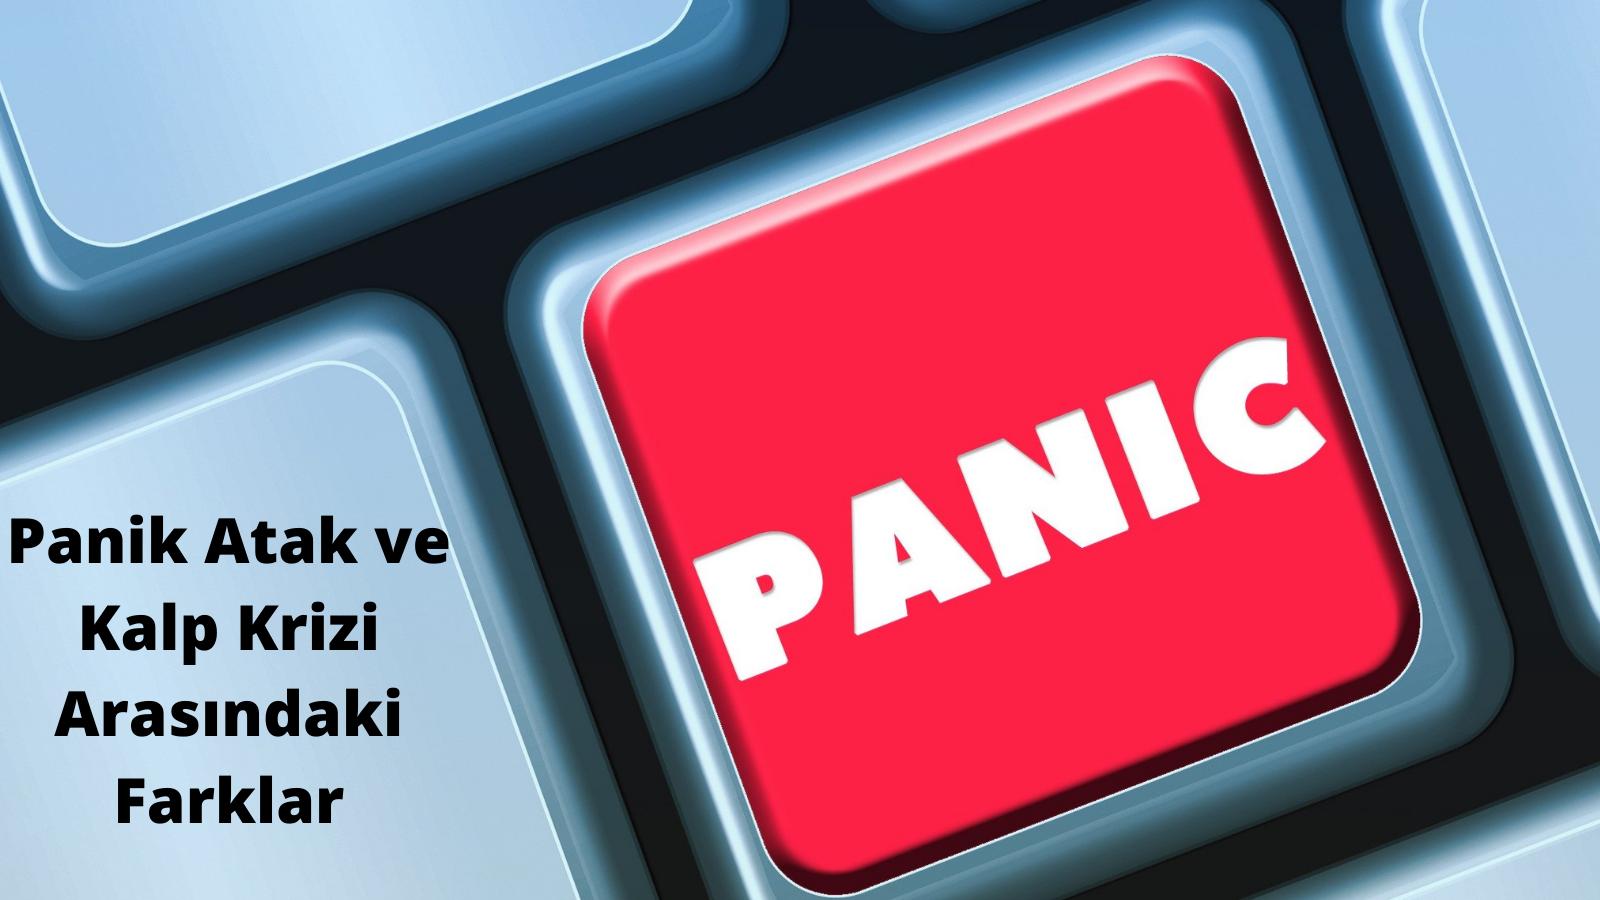 panik atak ve kalp krizi arasındaki fark